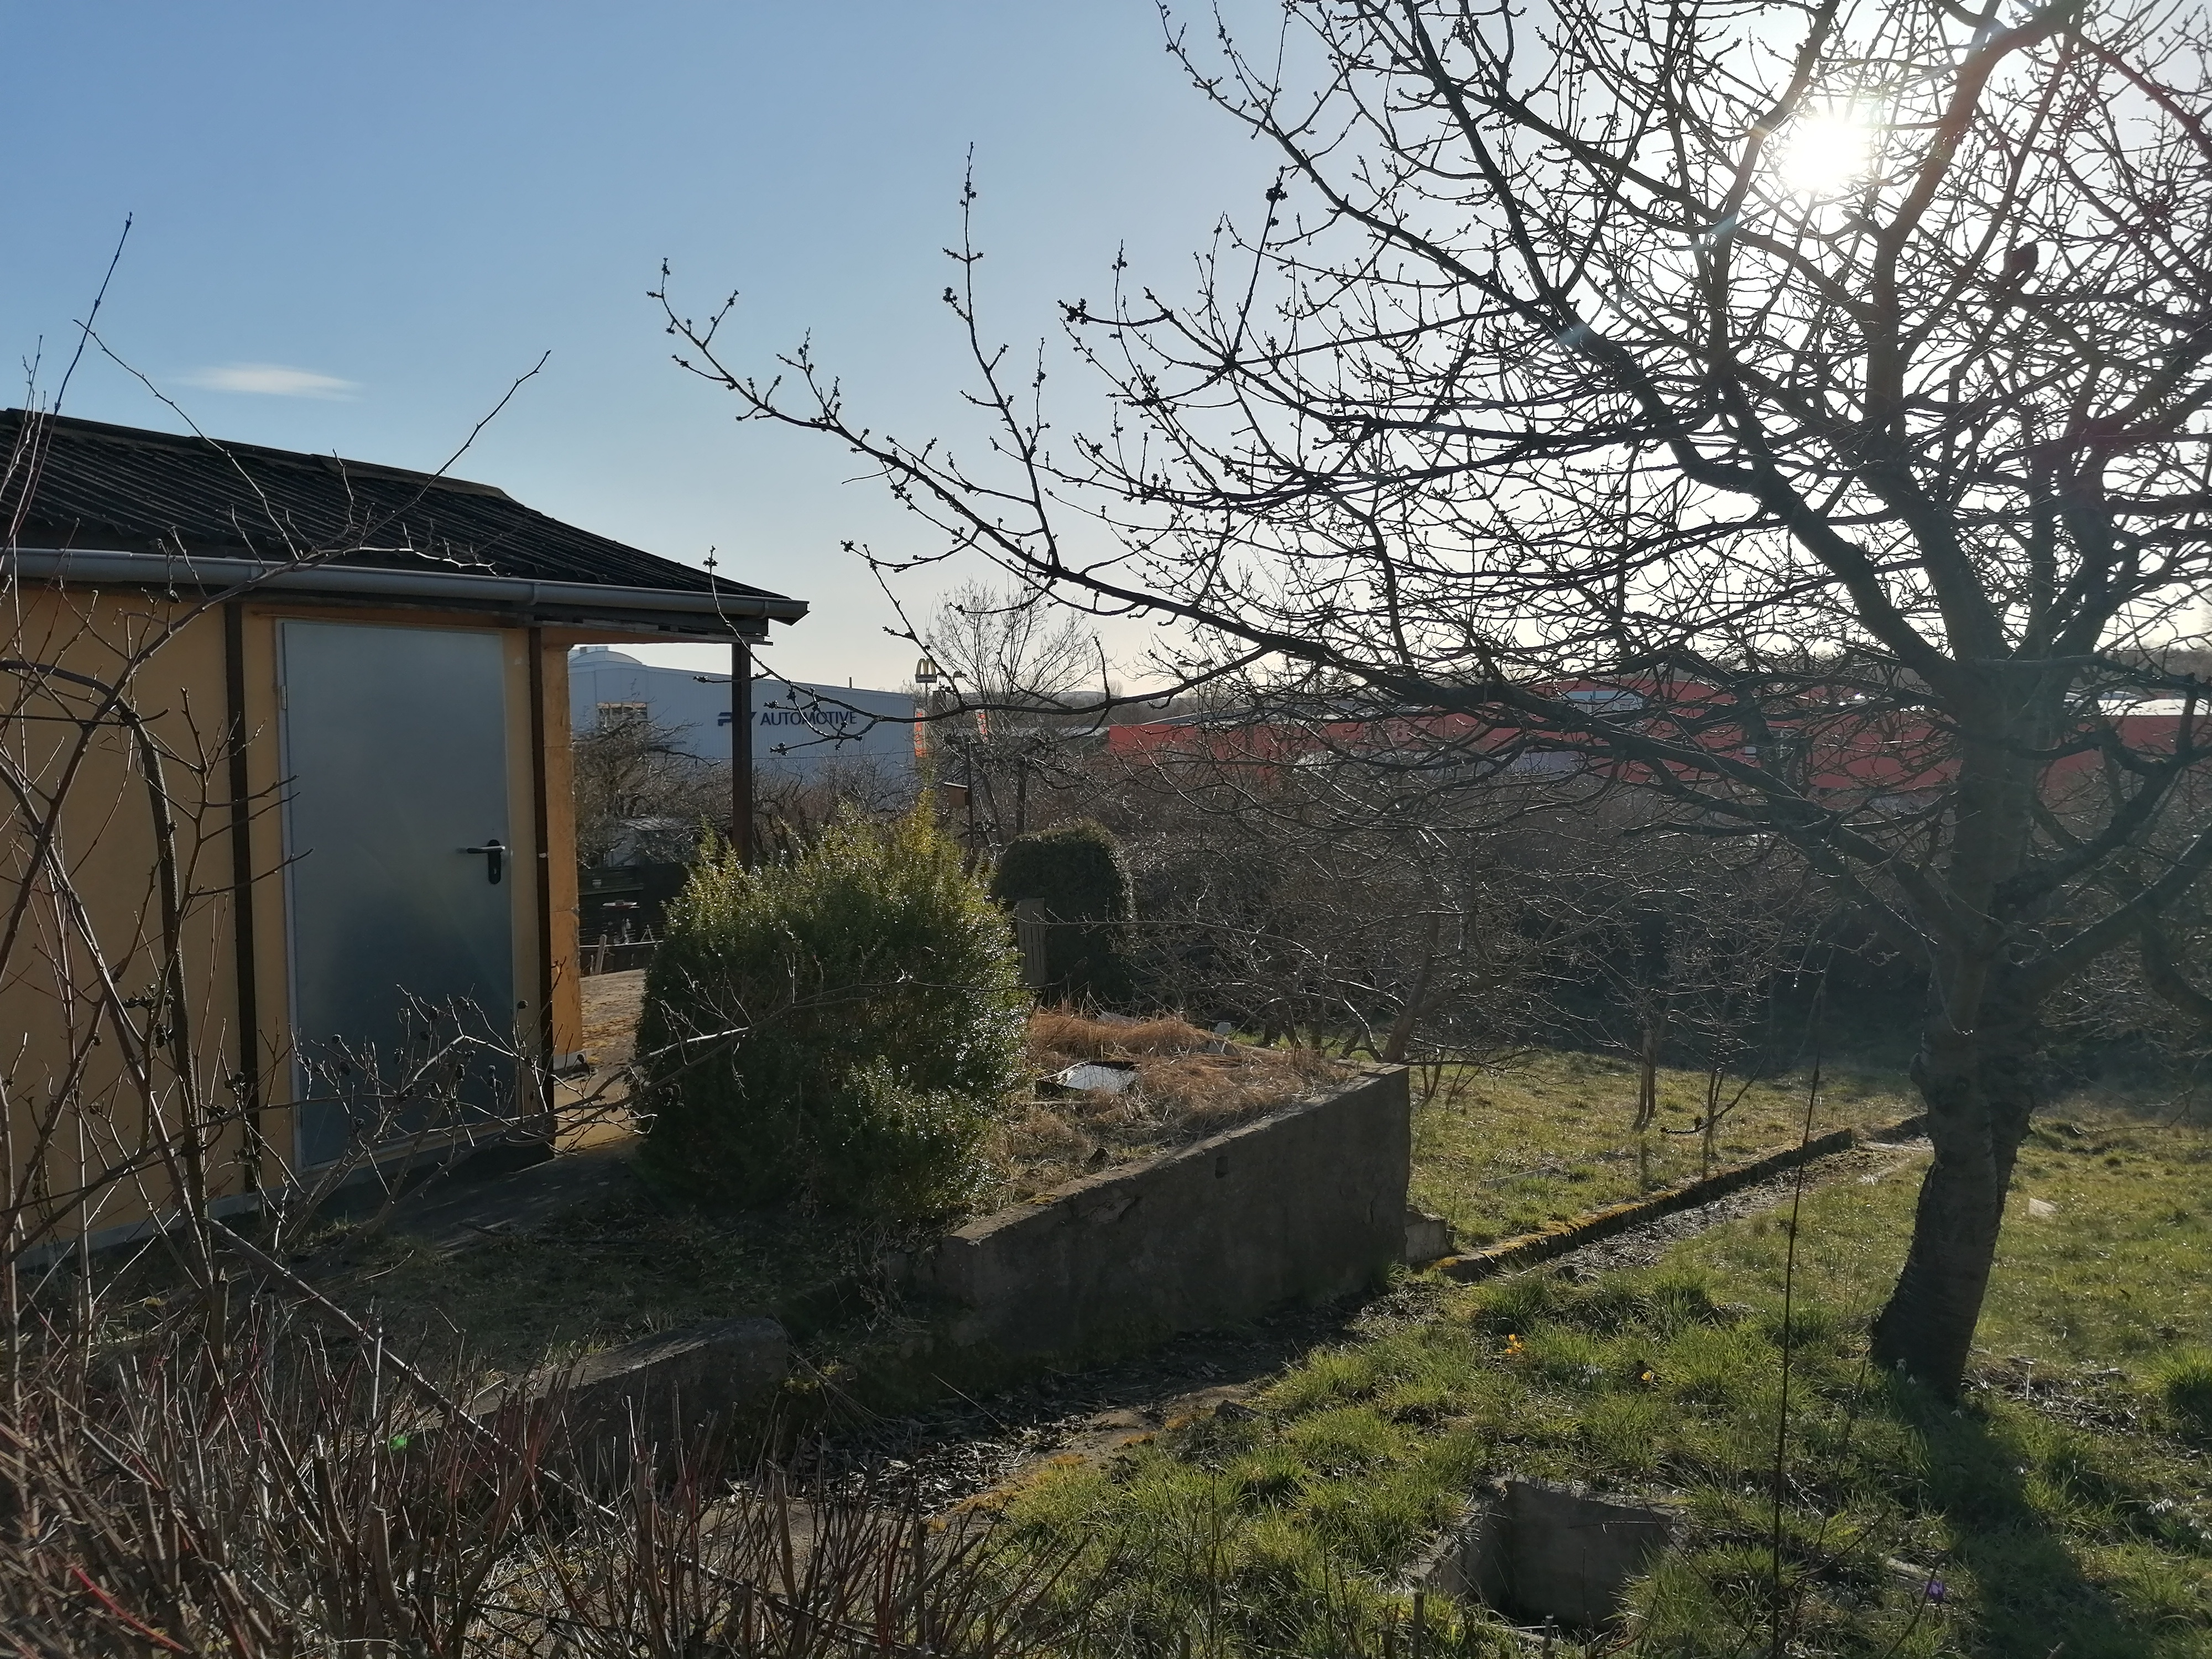 Foto von einem etwas verwildertem Garten. Links eine kleine Hütte mit Metalltür. Rechts ein Obstbaum, ohne blätter. Im Vordergrund Büsche ohne Blätter. Das Gelände fällt etwas ab. Der Rasen ist länger nicht gemäht worden. Der Himmel ist blau und die Sonne scheint durch die Äste des Baumes